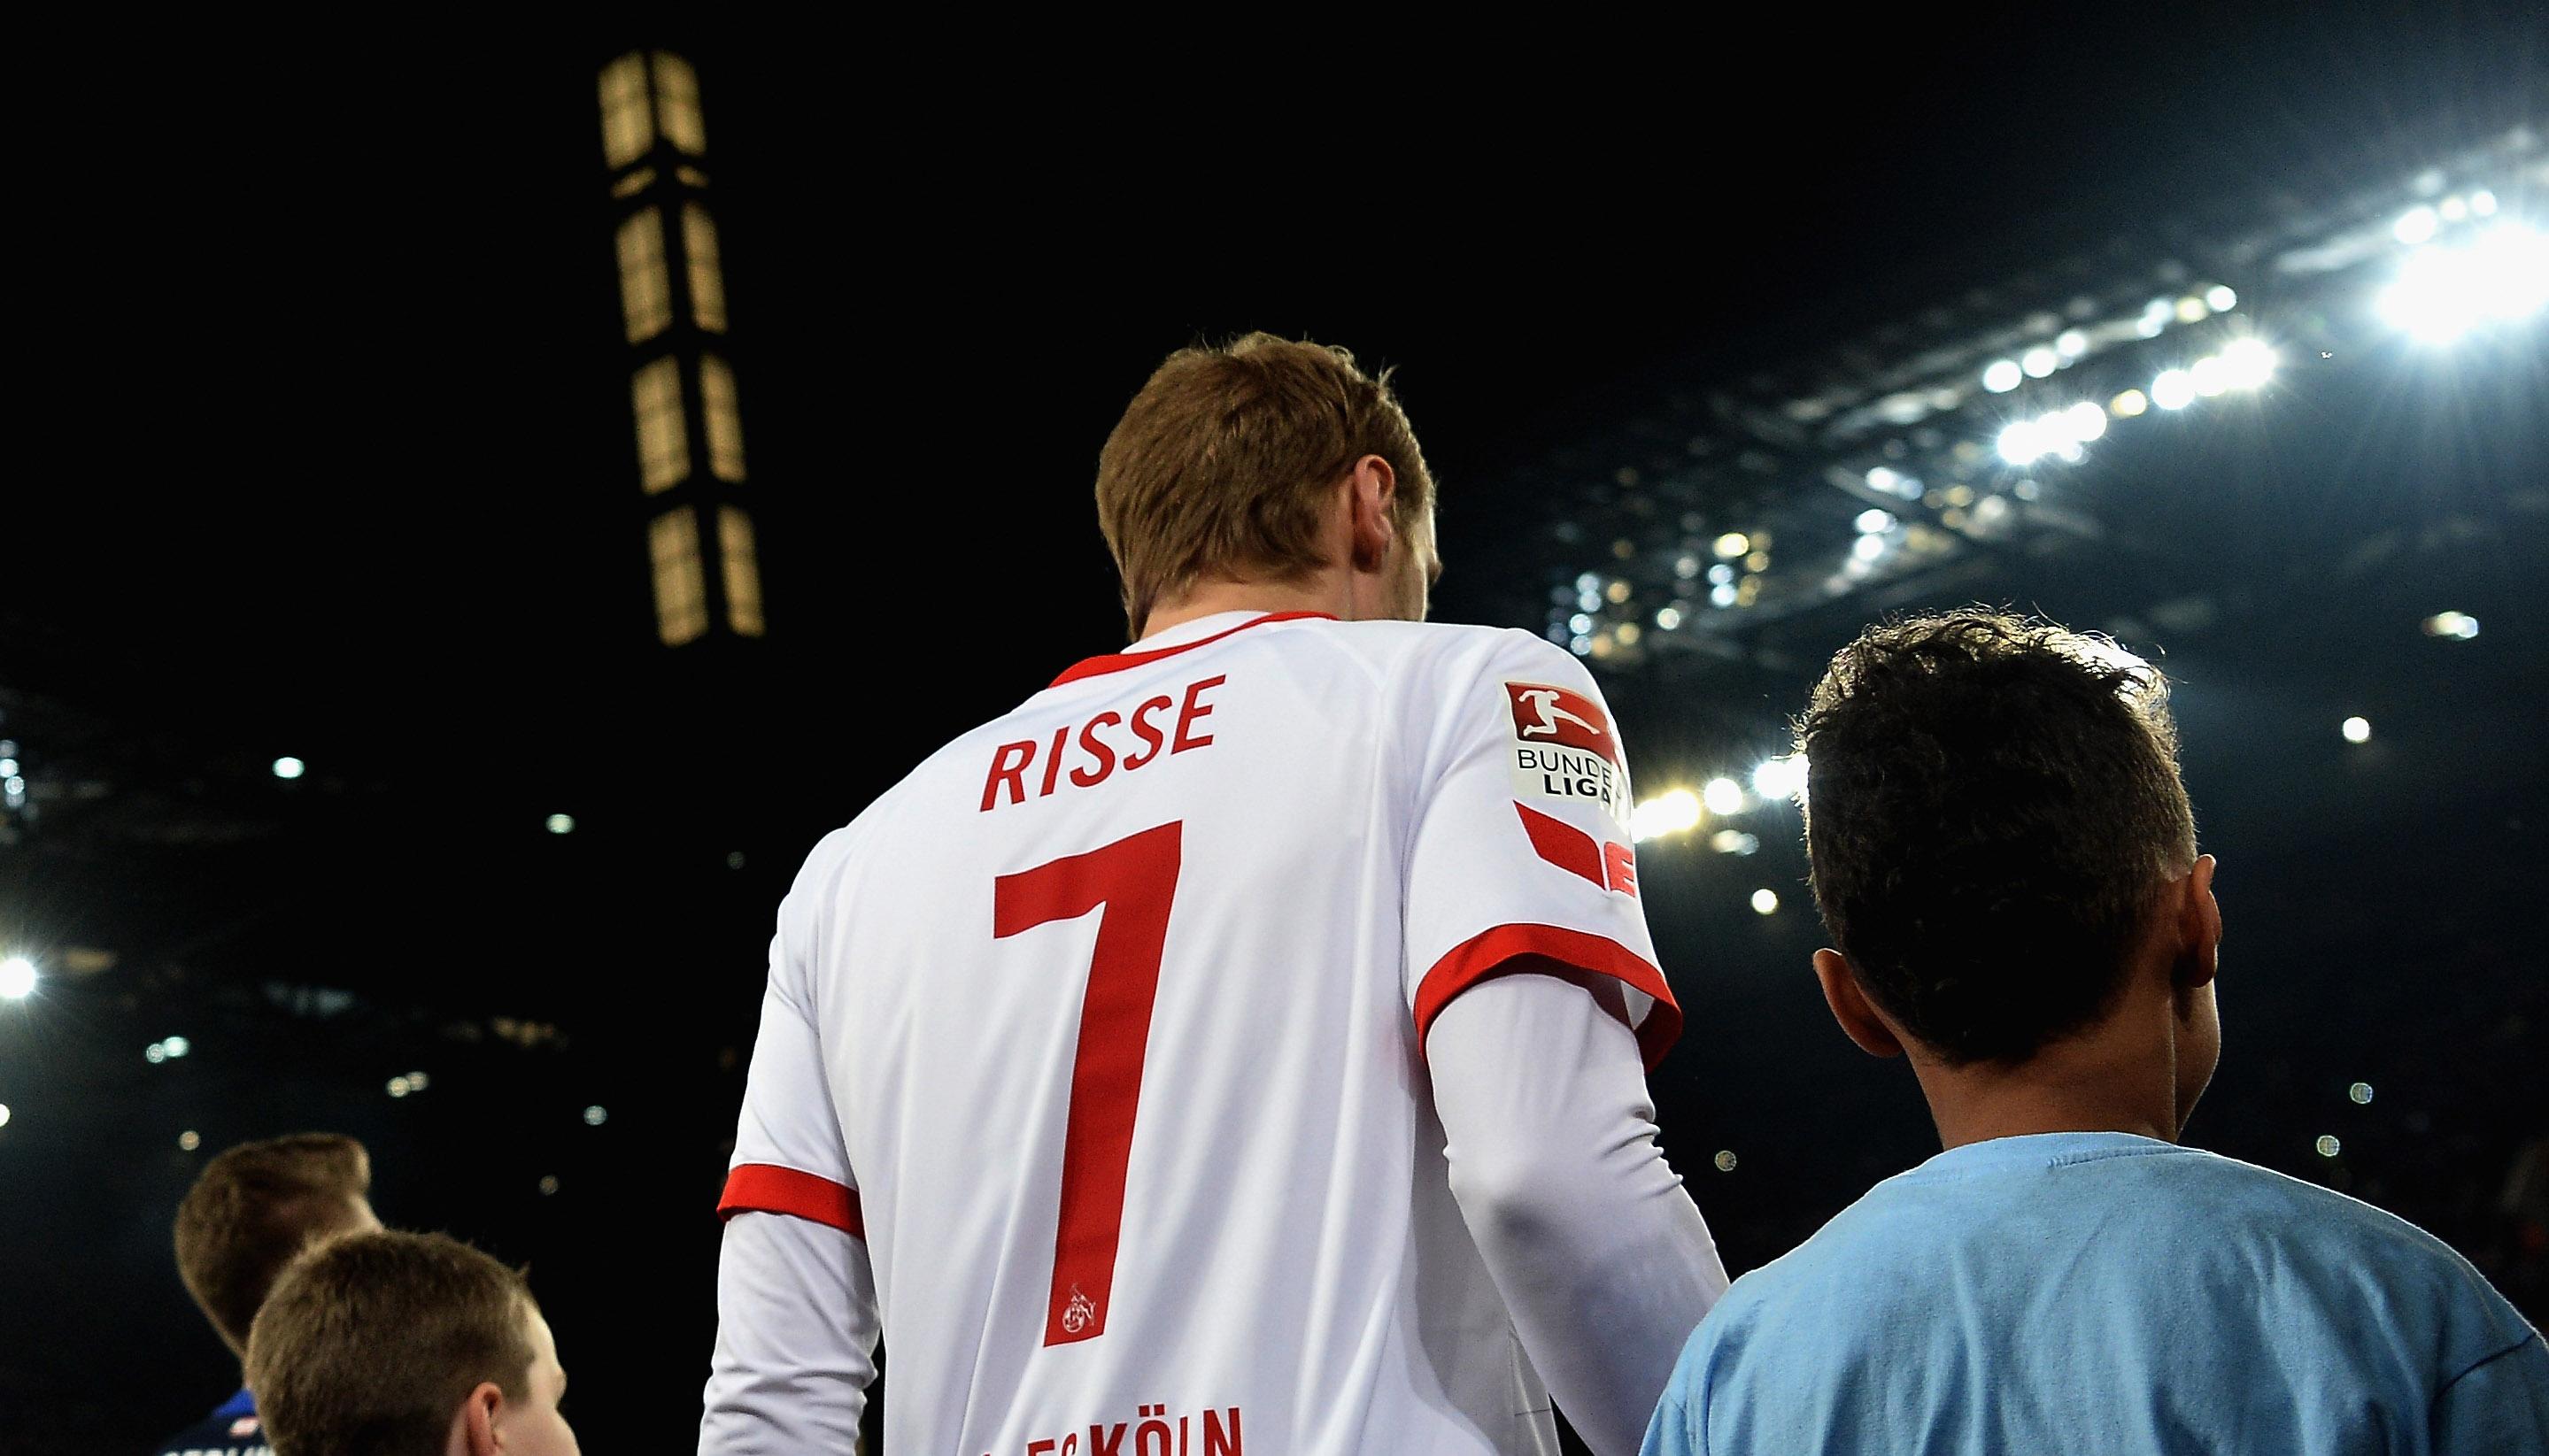 """Marcel Risse im exklusiven bwin Interview: """"Nach der Karriere werde ich wieder großer FC-Fan."""""""